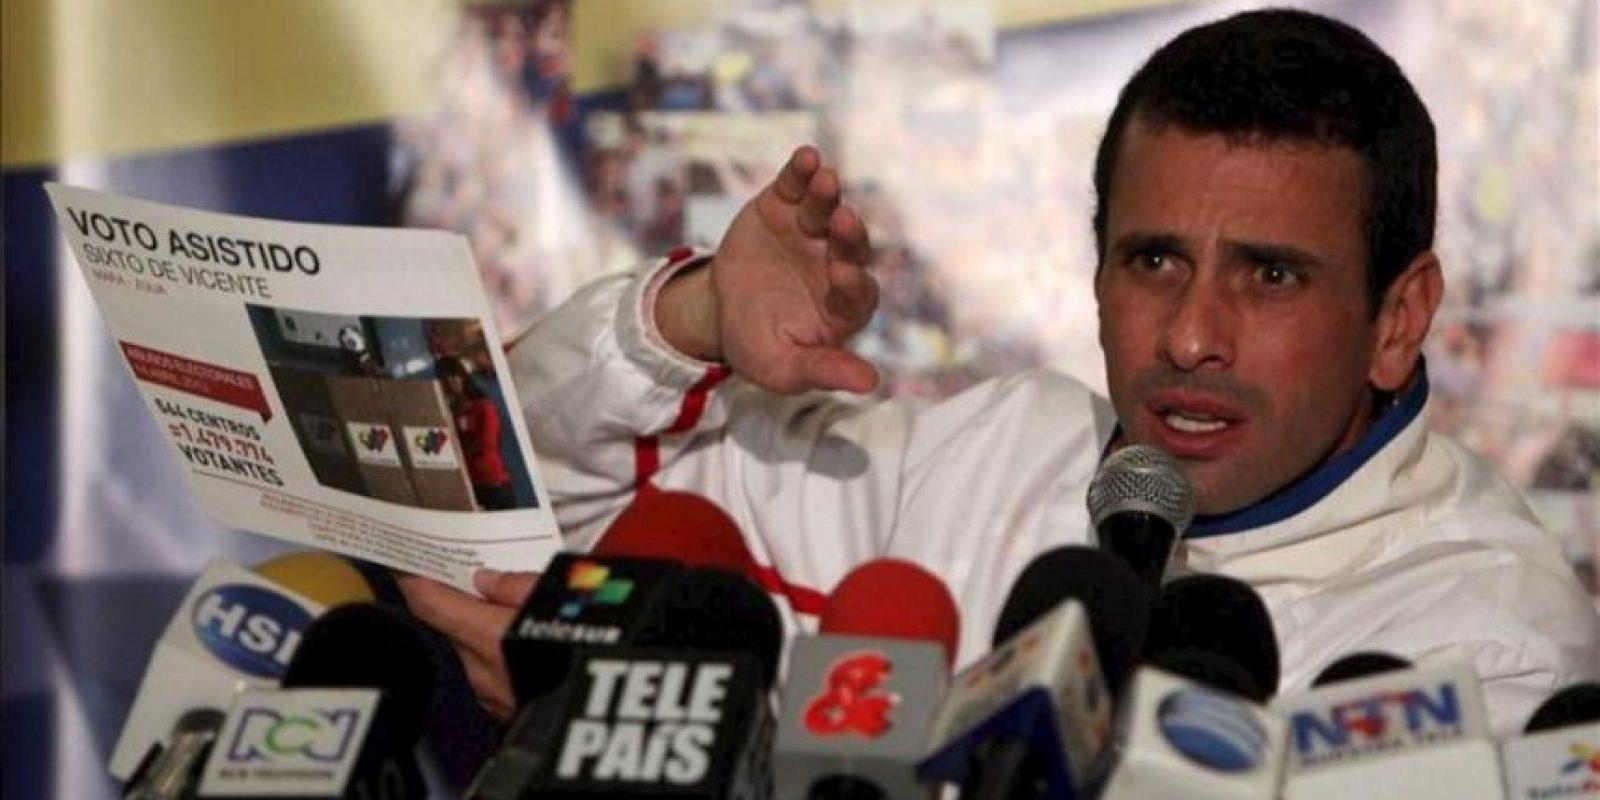 El excandidato presidencial y líder opositor venezolano Henrique Capriles habla durante un encuentro con sus seguidores en Bogotá (Colombia). EFE